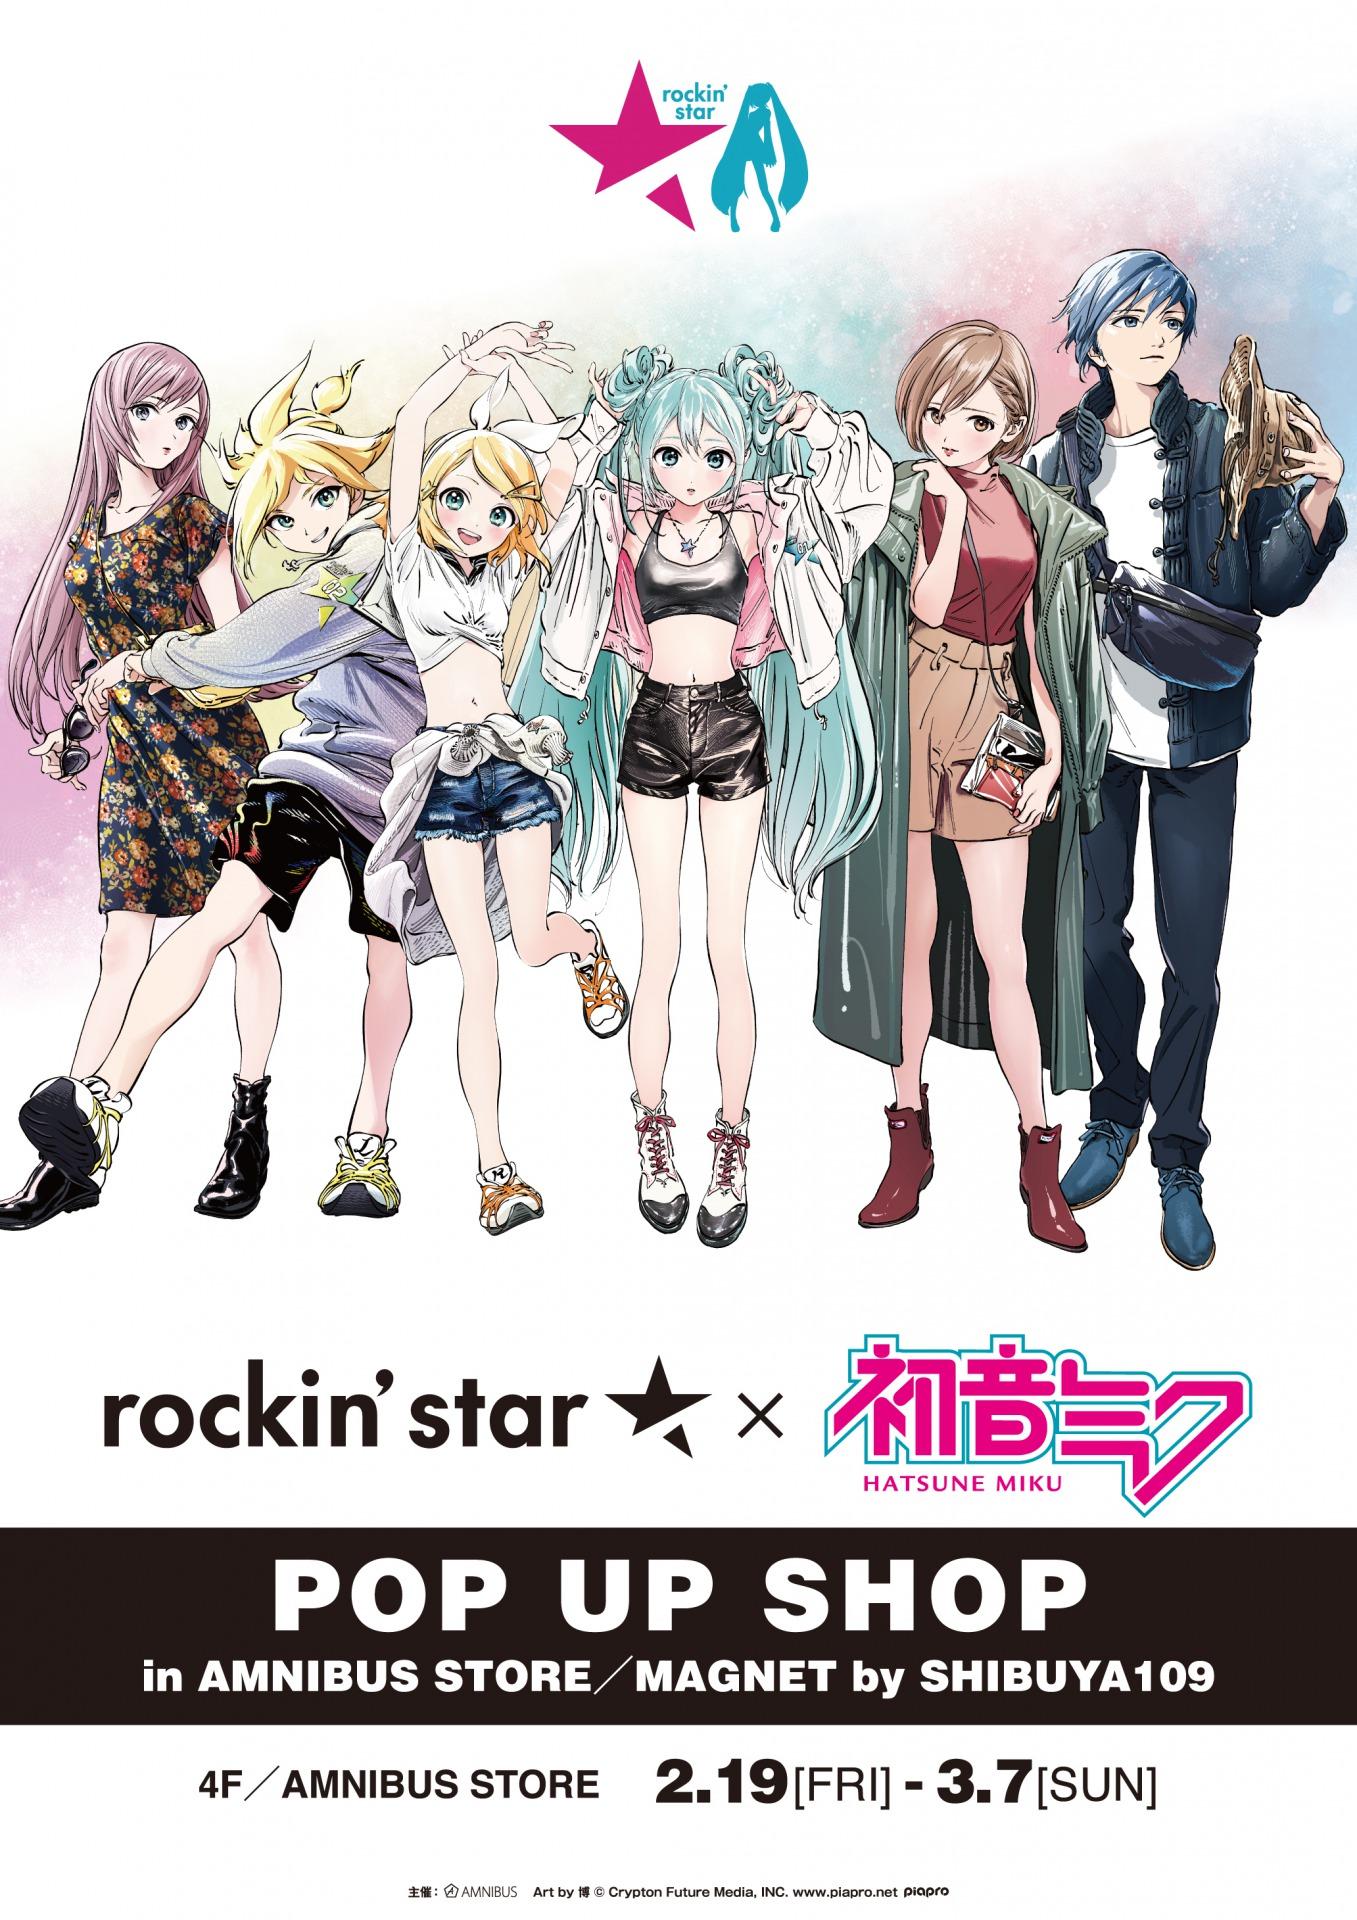 「初音ミク」×「rockin'star」ポップアップショップが渋谷109に期間限定オープン!